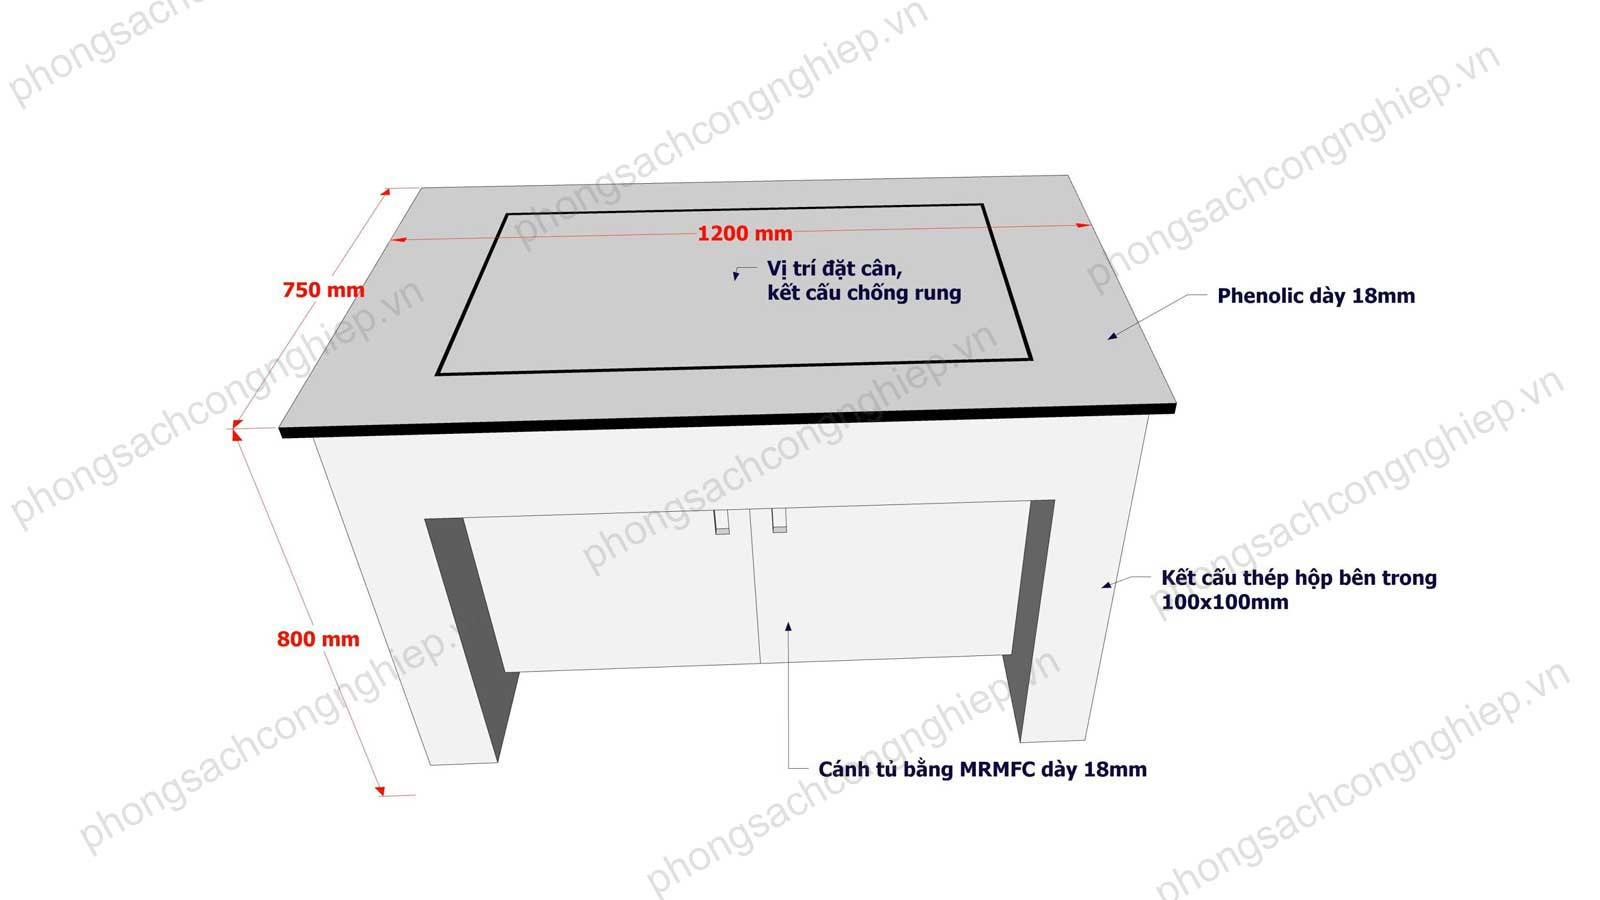 bàn cân chống rung mẫu 2